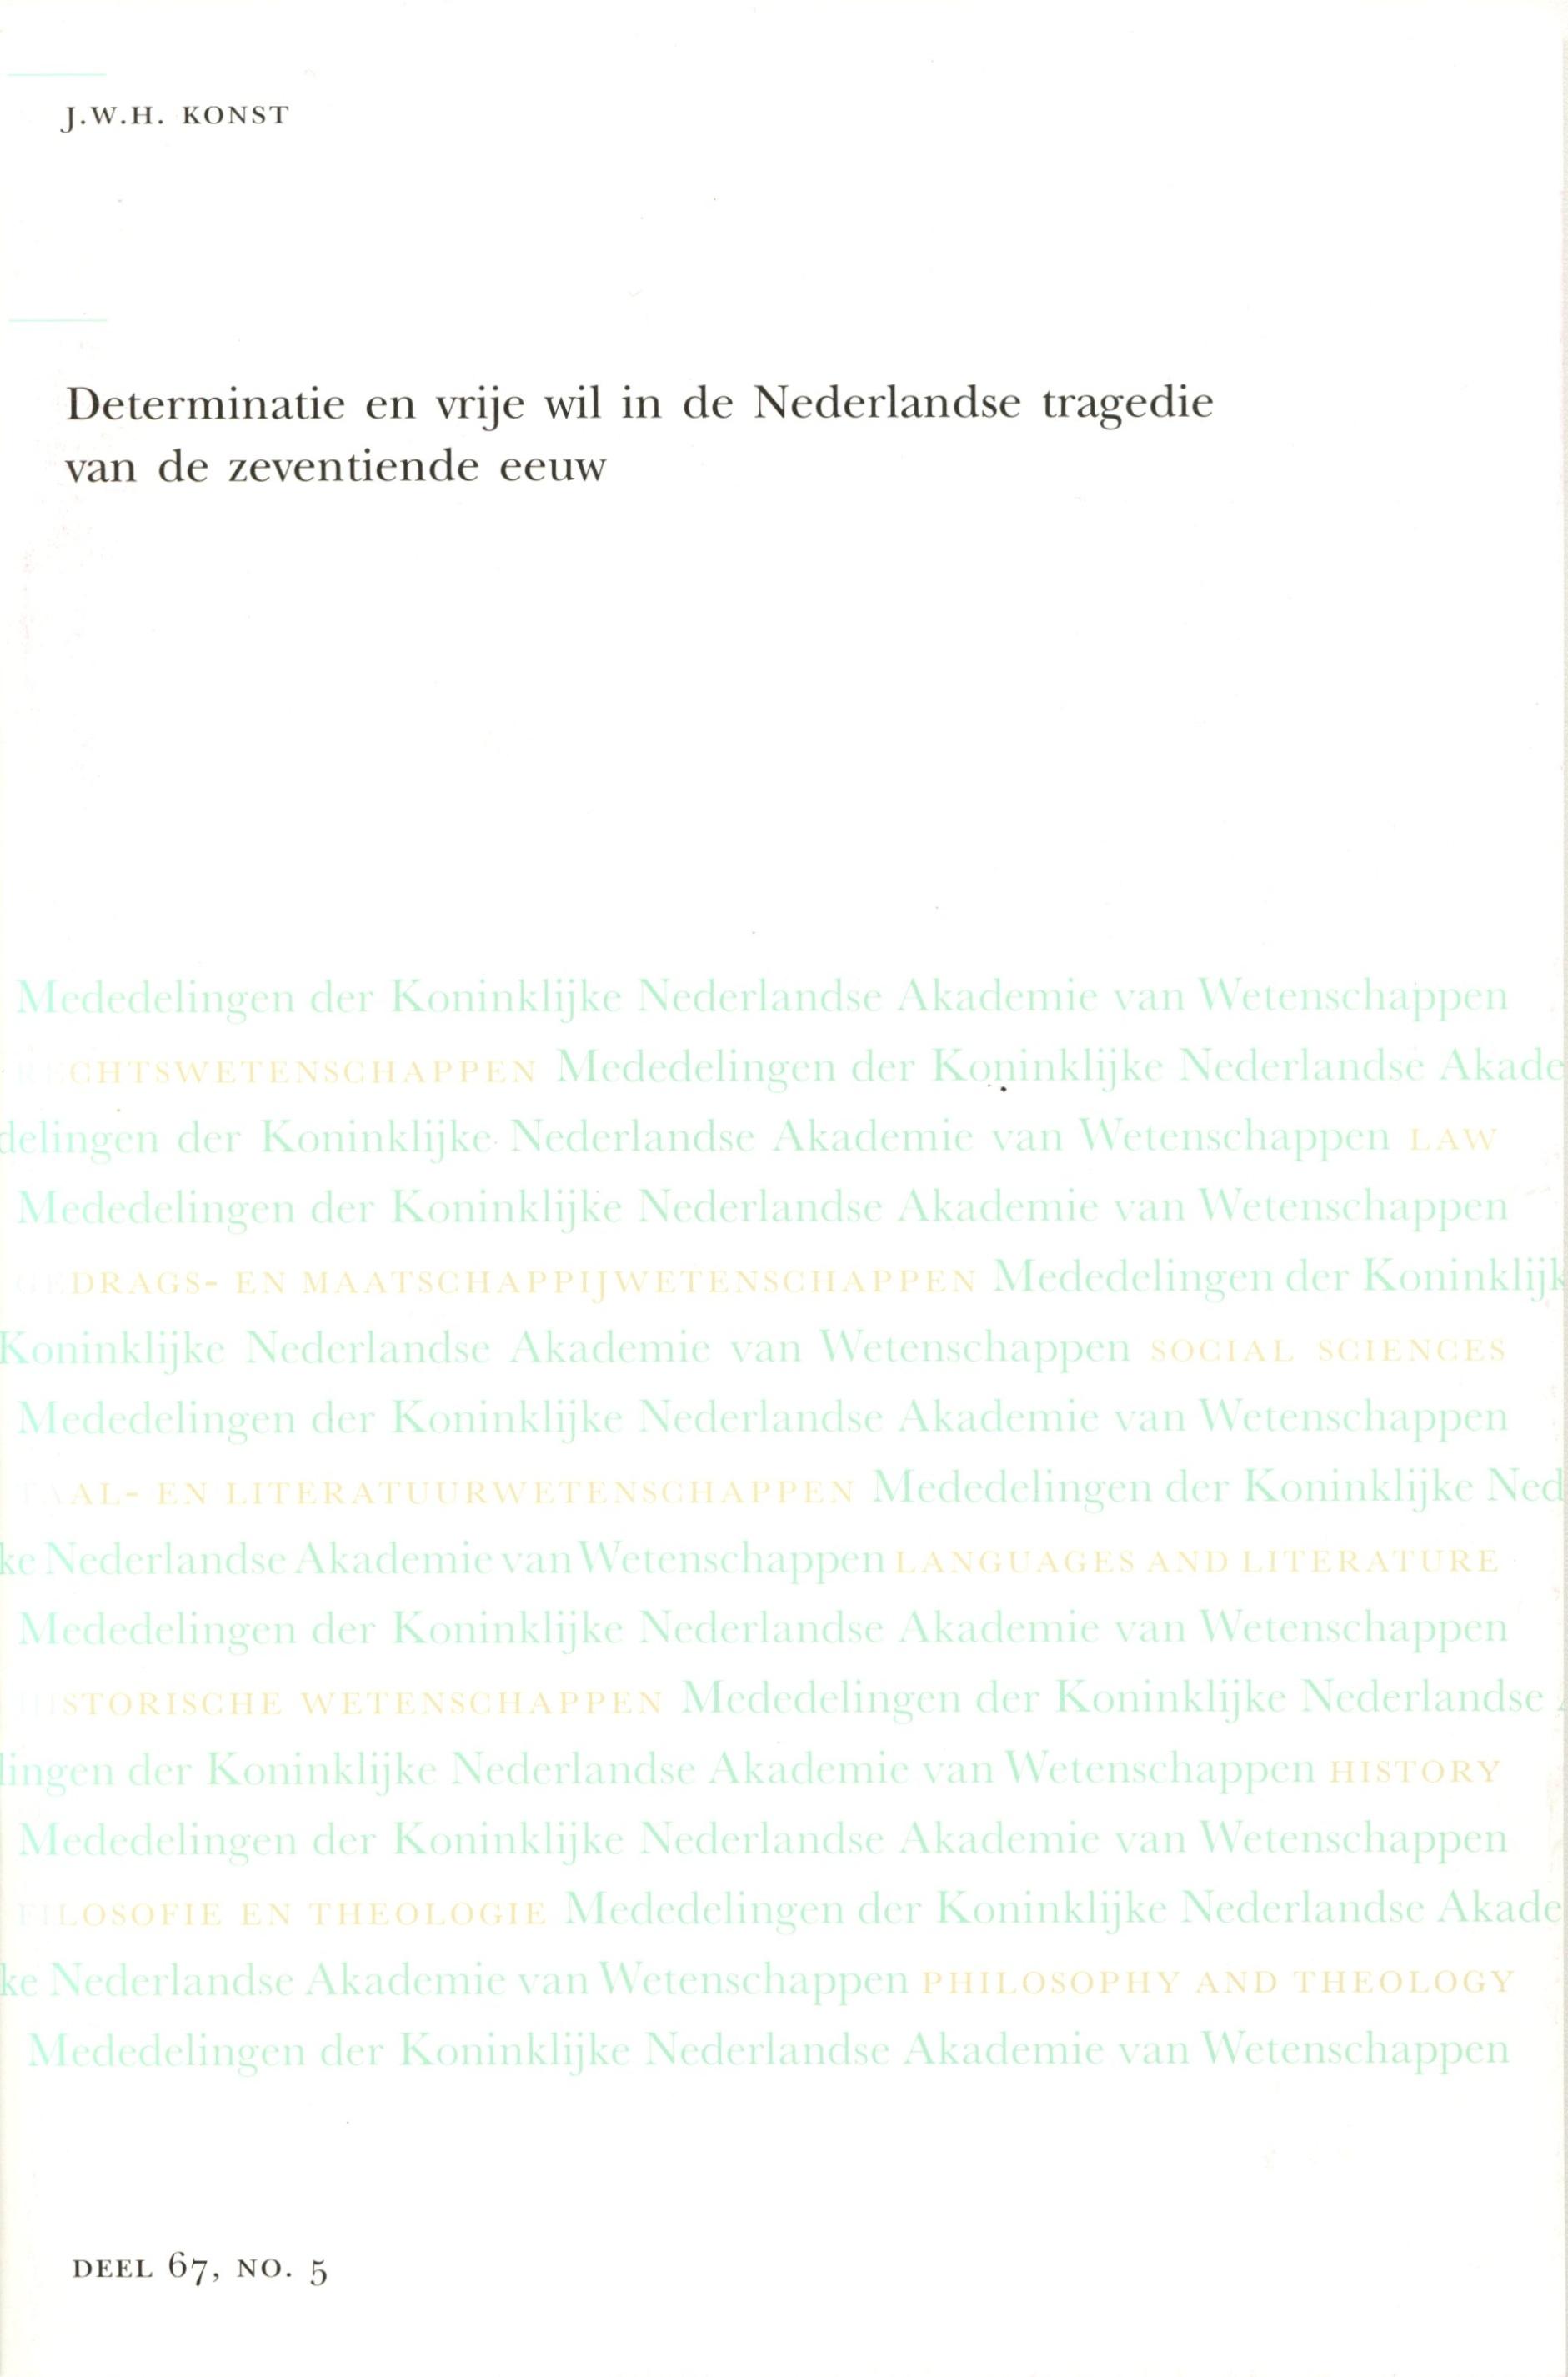 Determinatie en vrije wil in de Nederlandse tragedie van de zeventiende eeuw